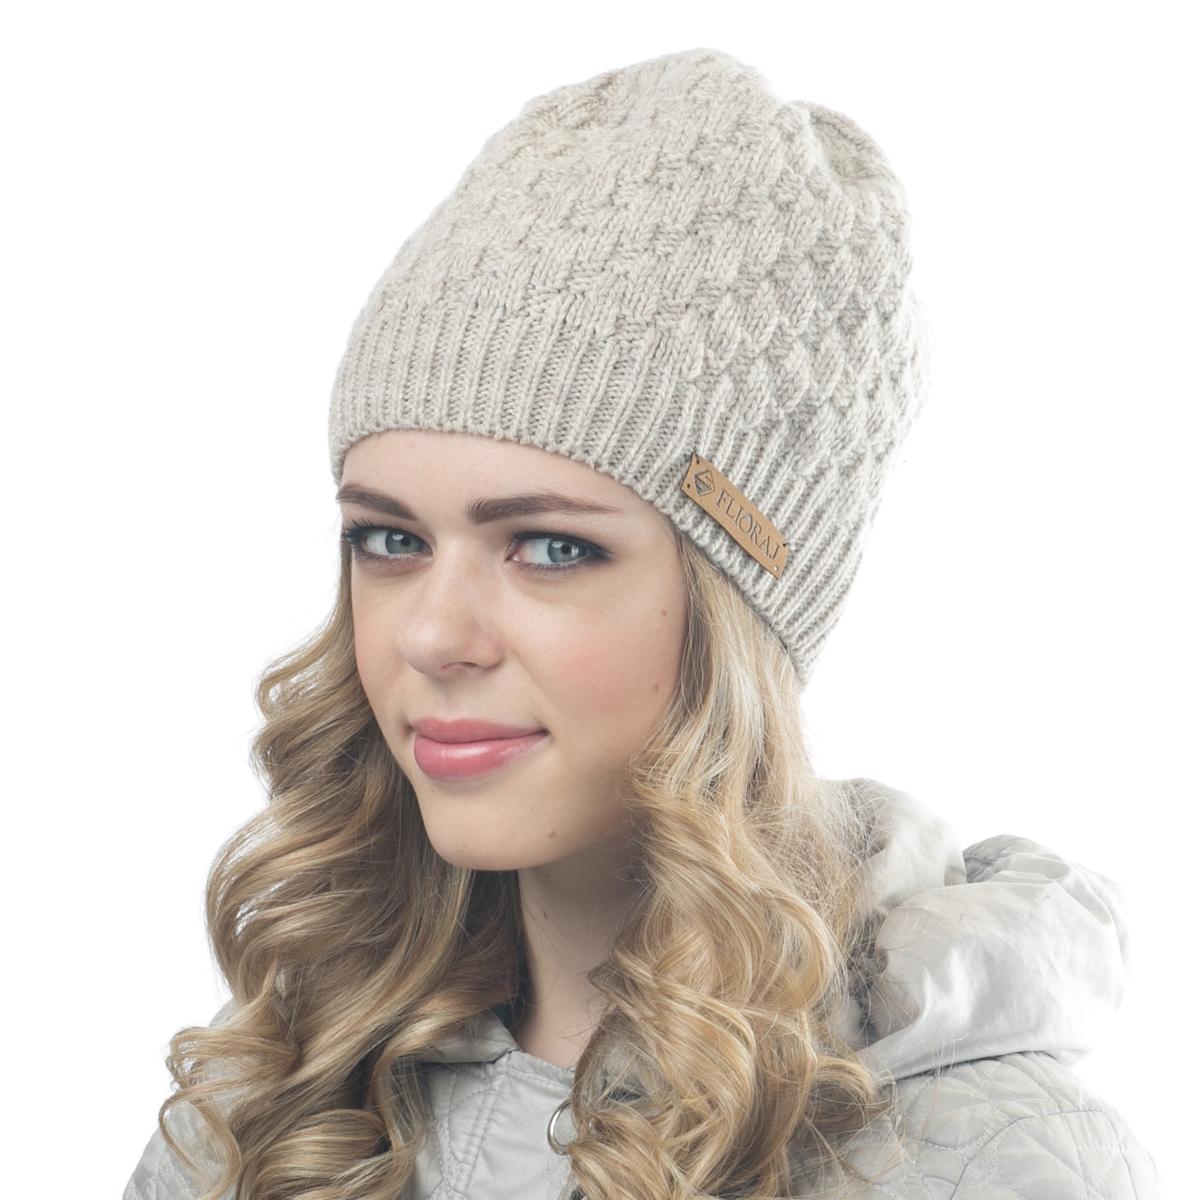 Шапка женская Flioraj, цвет: бежевый. 01FJ. Размер 56/5801FJТеплая шапка от Flioraj, связанная из овечьей шерсти и шерсти горной альпаки, отлично согреет в холодную погоду. Состав пряжи делает изделие мягким, теплым и комфортным. Модель выполнена крупной рельефной вязкой и украшена нашивкой из натуральной кожи.